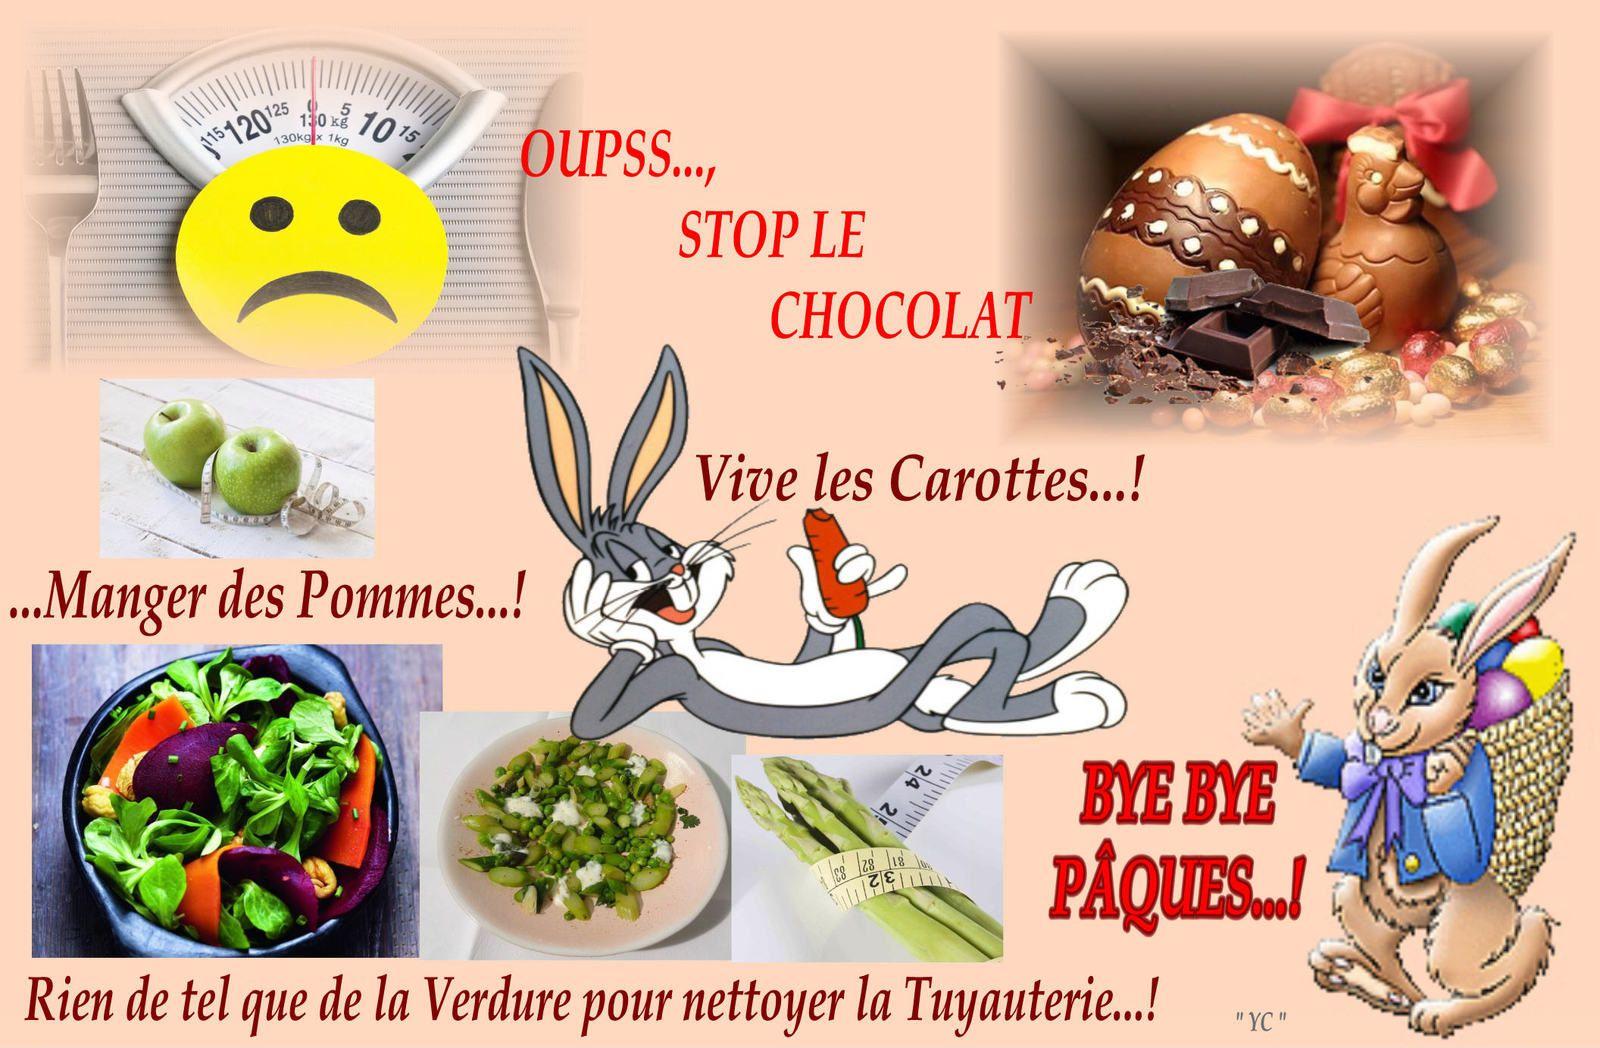 Lendemains et Surlendemains de Pâques..., OUPSSS...!